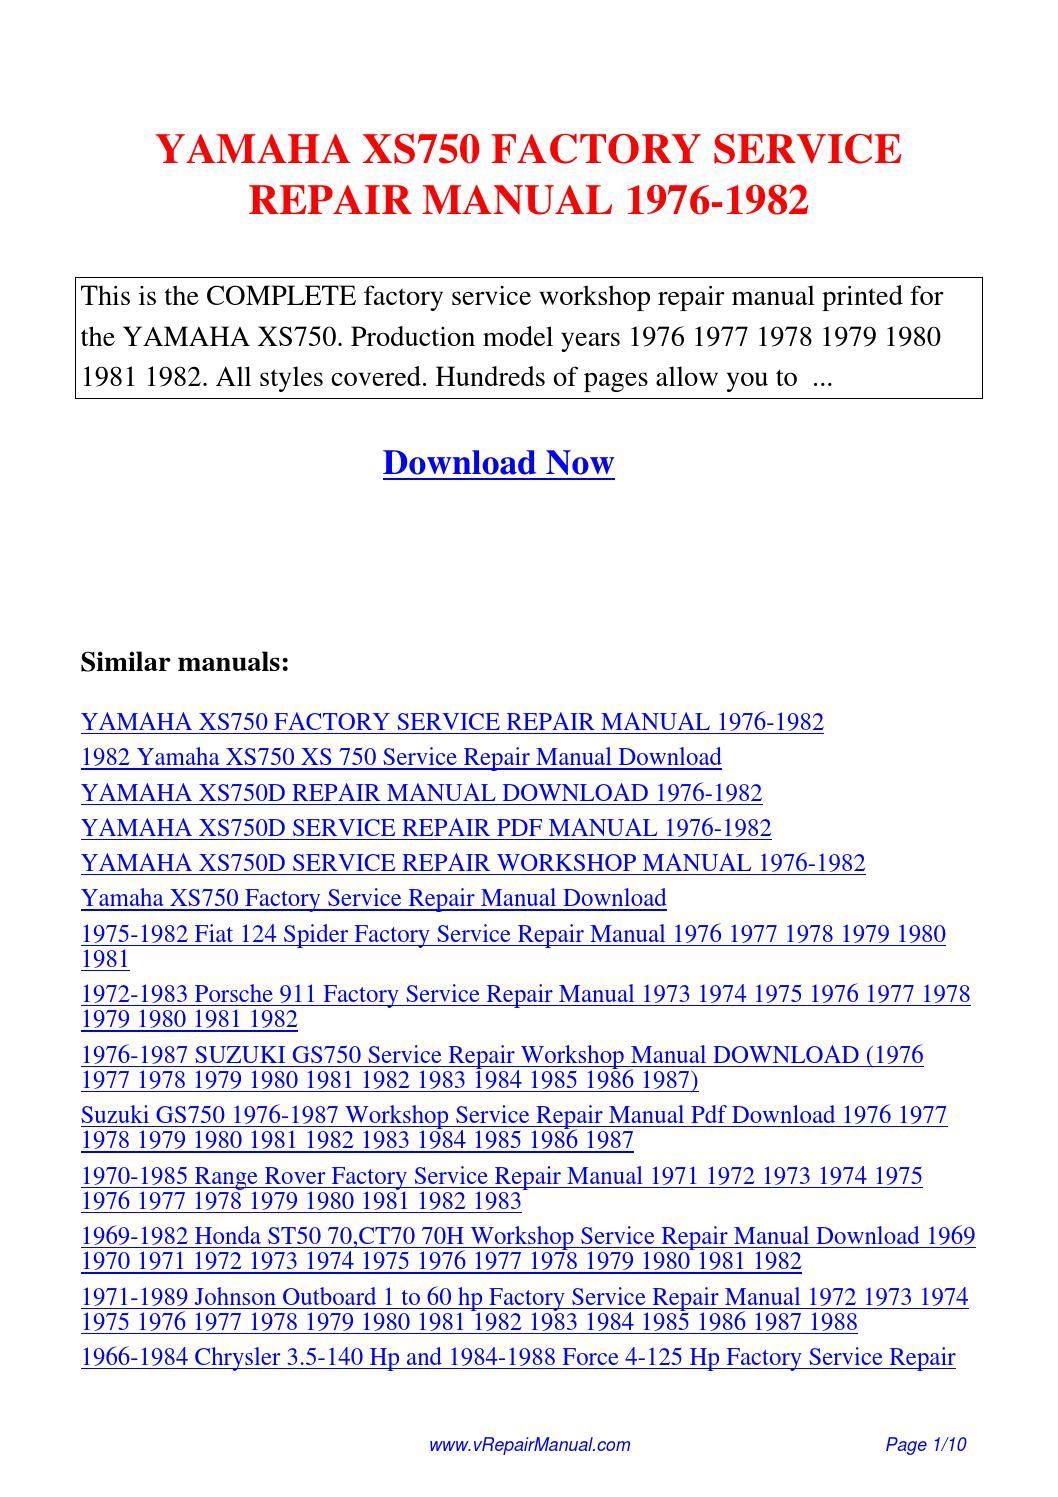 Yamaha Xs750 Factory Service Repair Manual 1976 1982 Pdf By Hong Ting Issuu